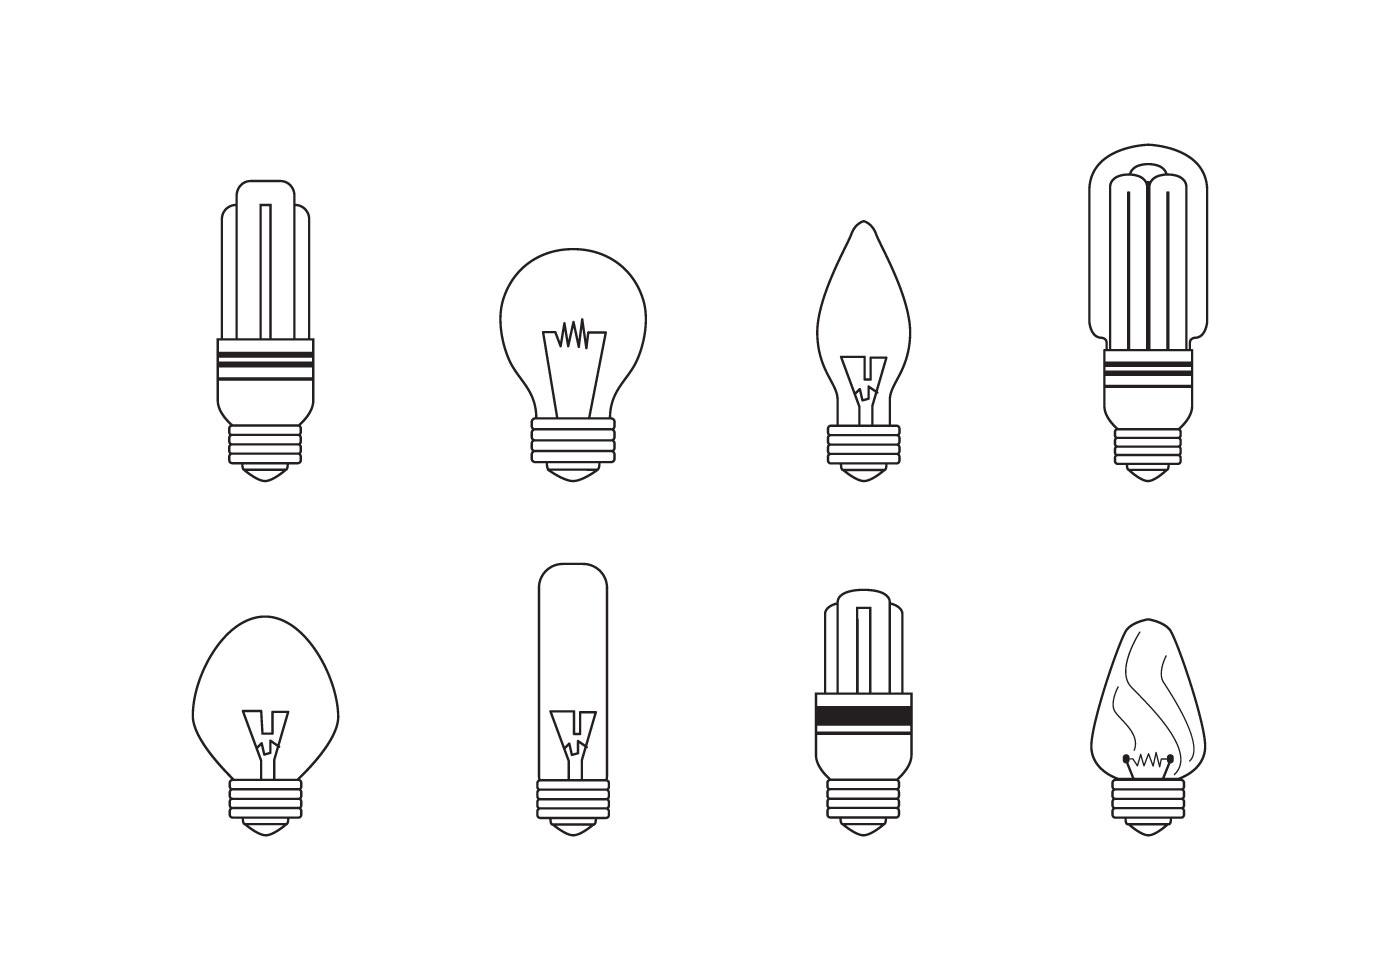 Linear Ampoule Light Bulb Icons